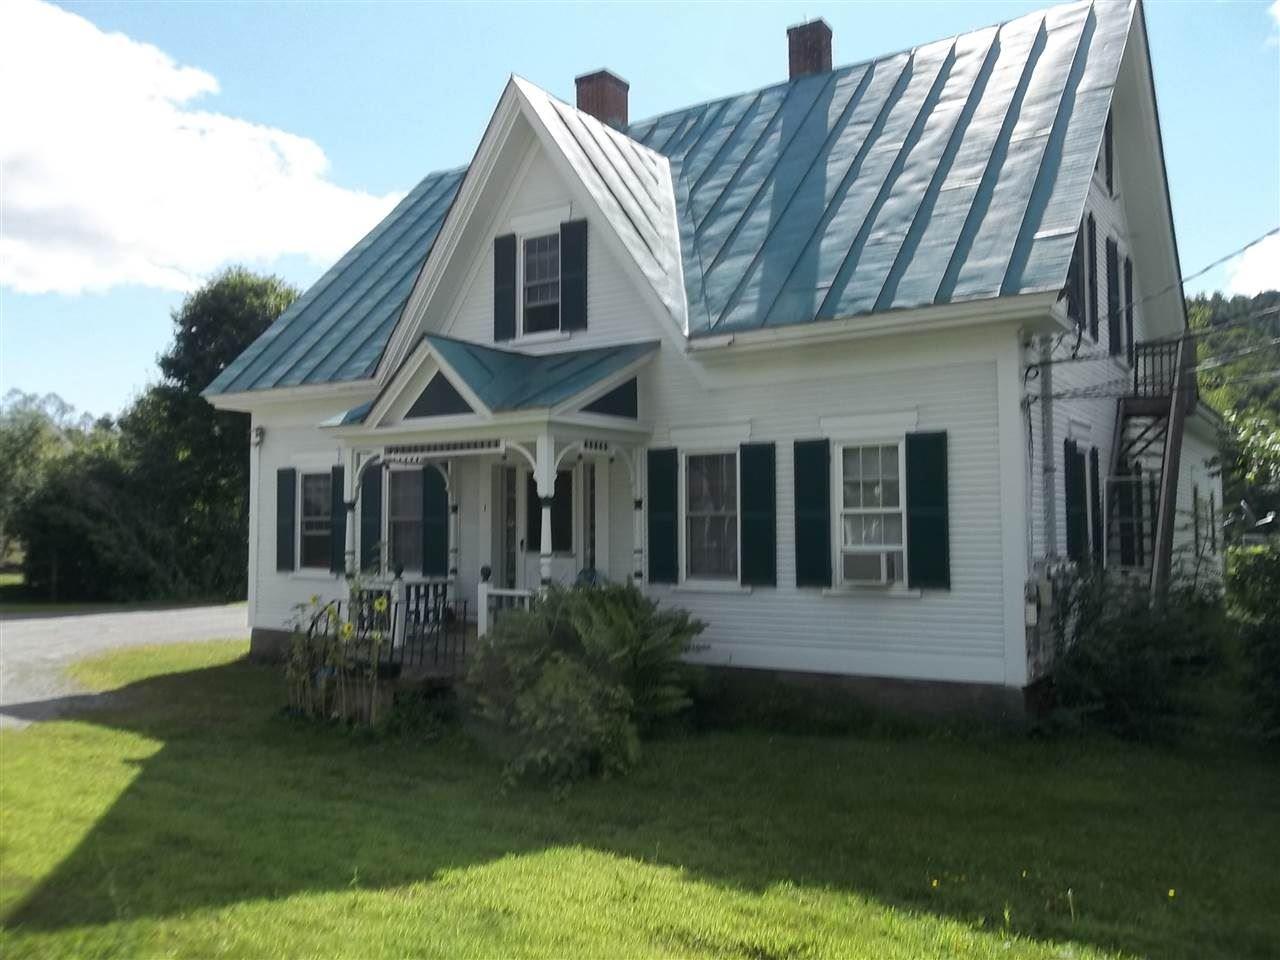 1231 West Woodstock Road, Woodstock, VT 05091 - MLS#: 4733035